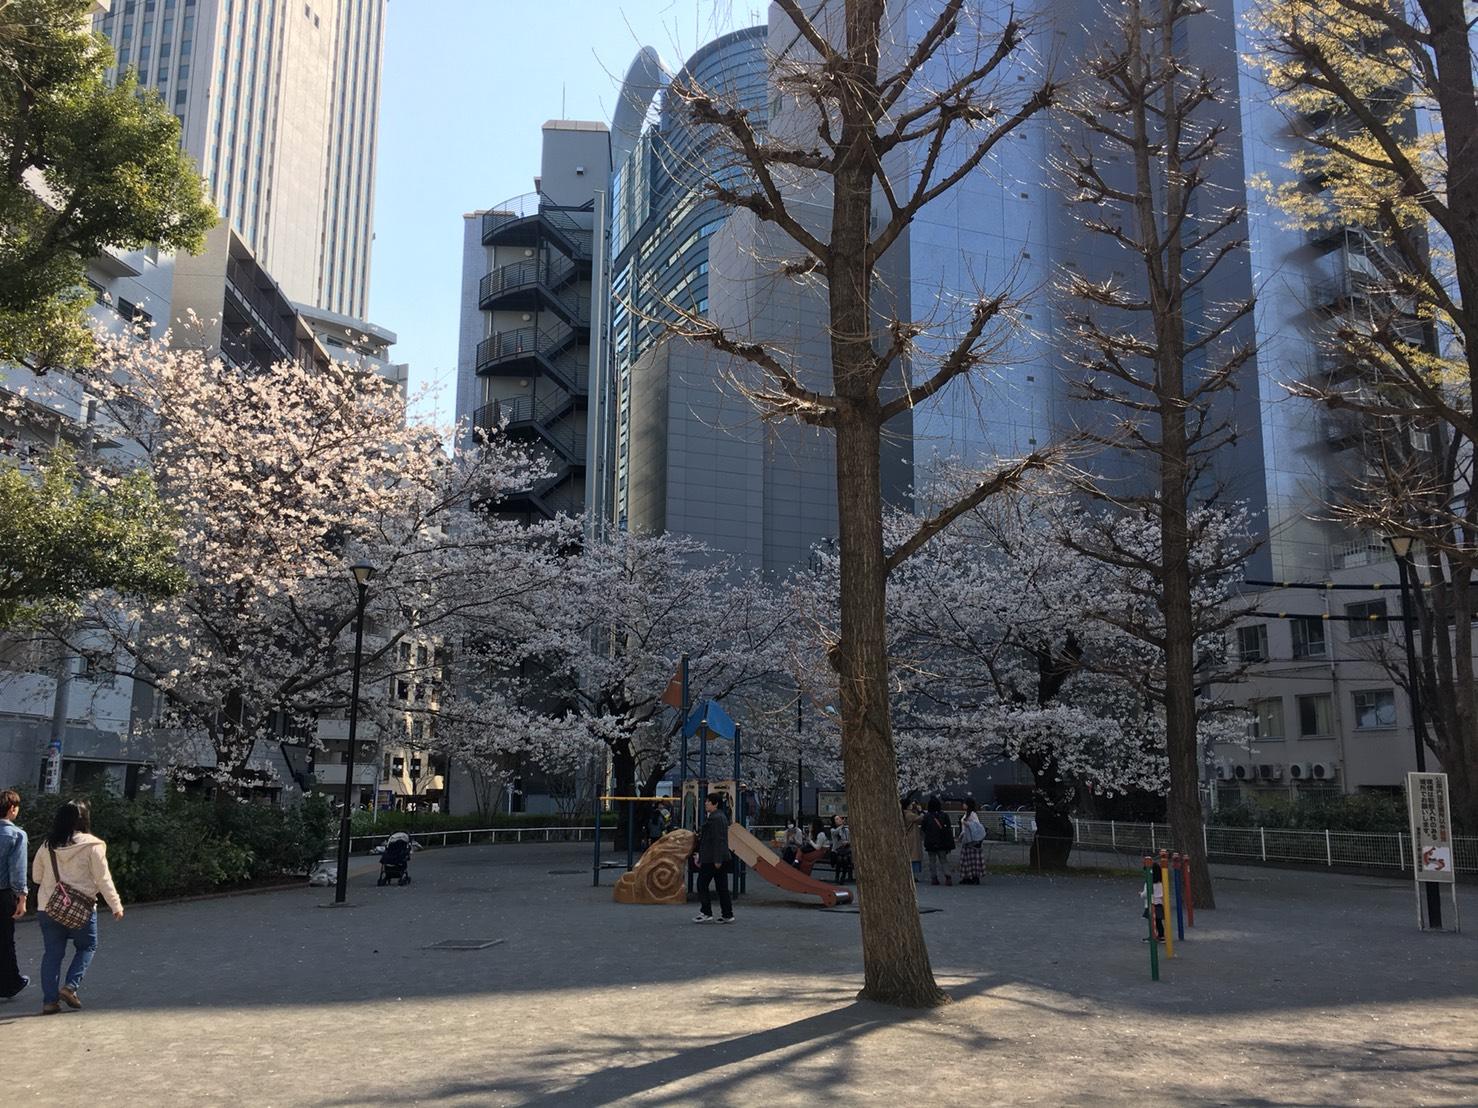 【池袋駅】春爛漫!公園まわって桜を見に行こう!池袋東口の満開公園お花見散歩コース。の東池袋公園1